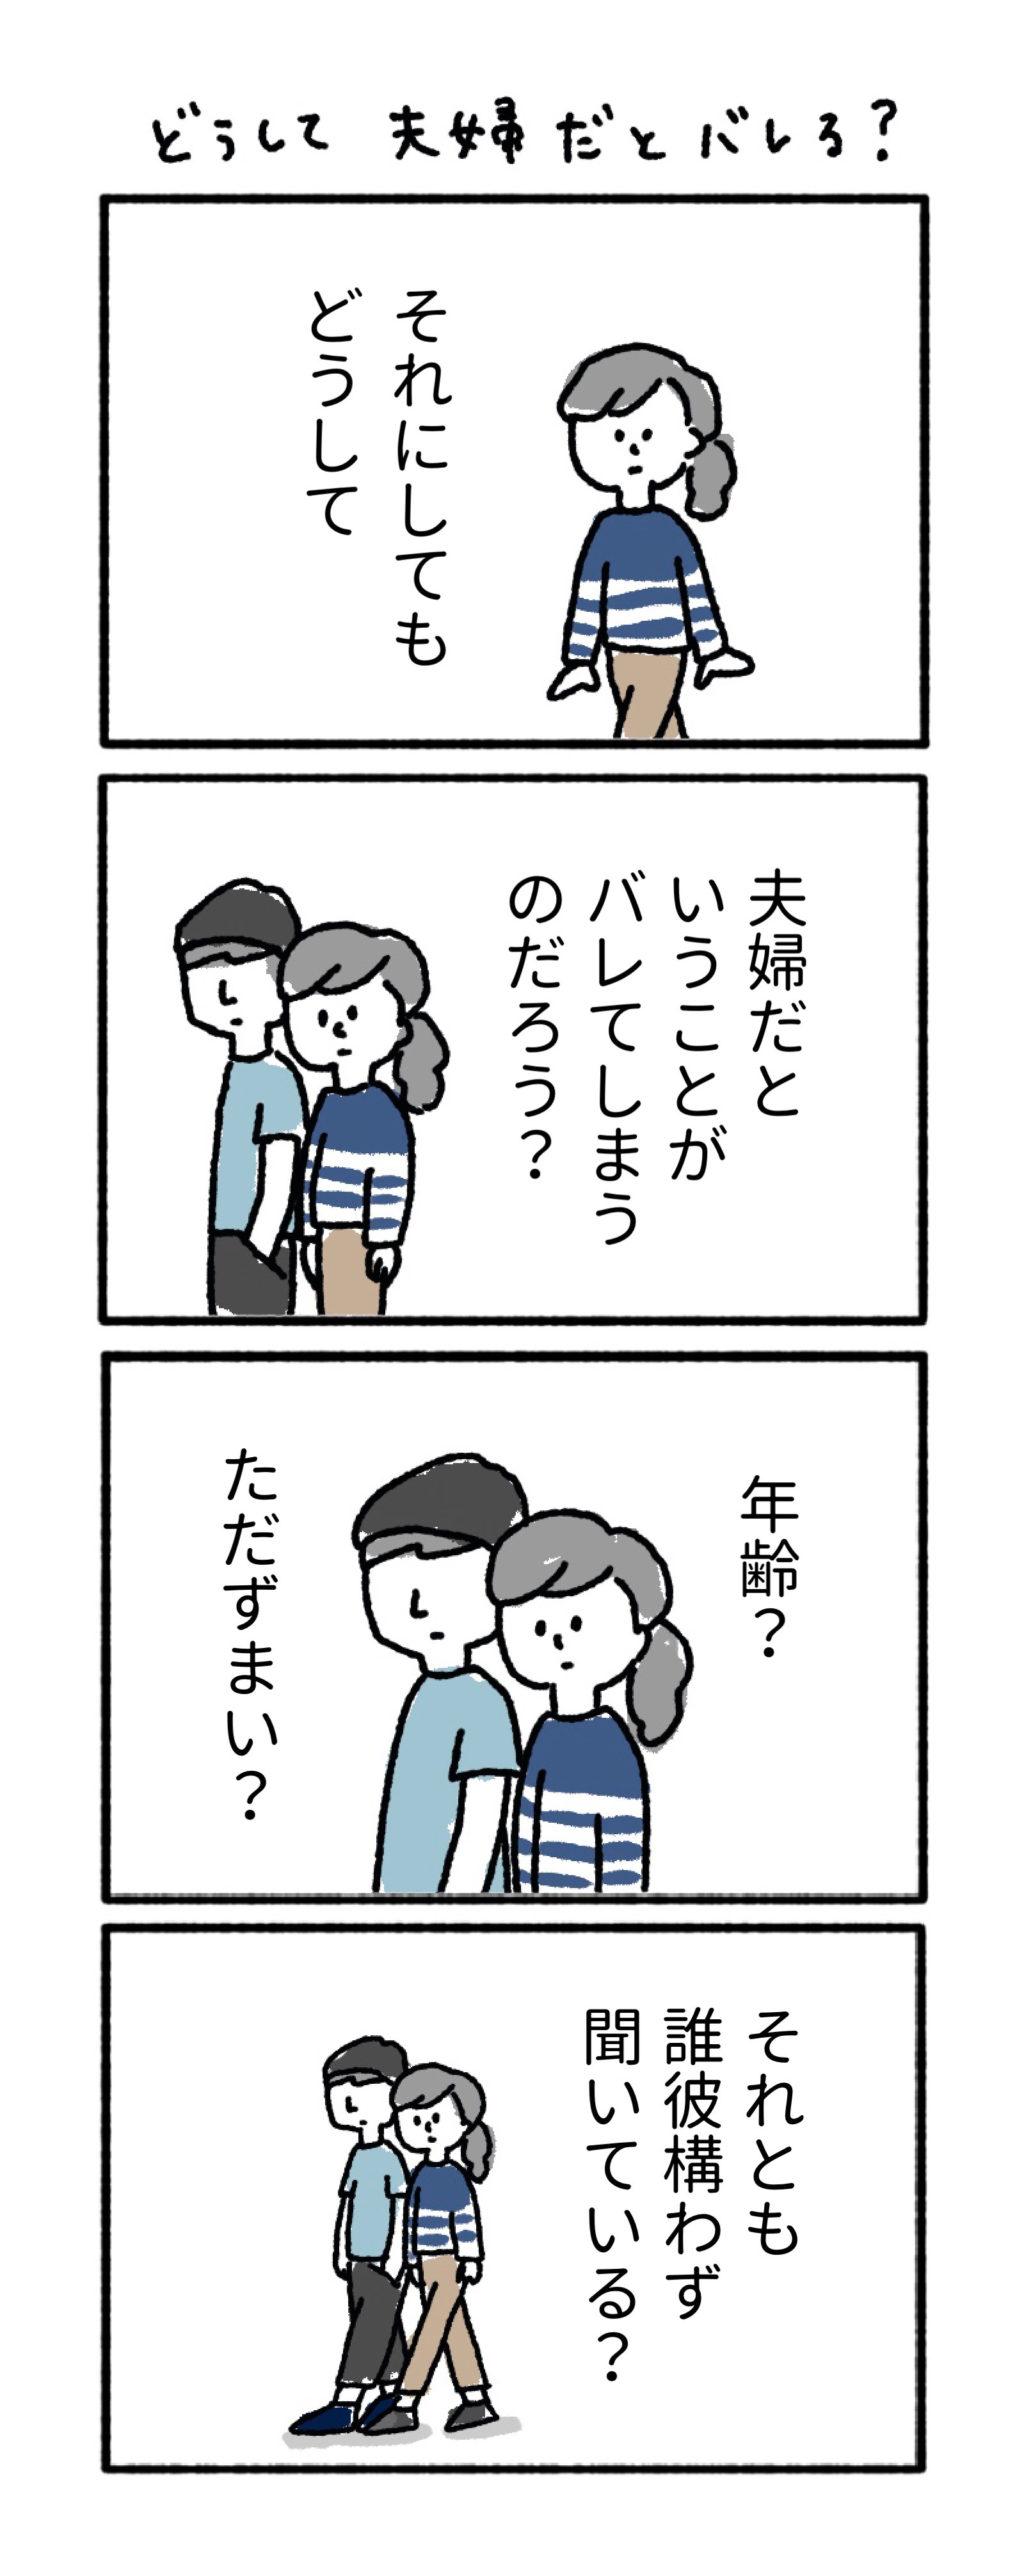 どうして夫婦だとばれた? イラスト 漫画 四コママンガ 4こま いらすと かわいい アラサー 女子